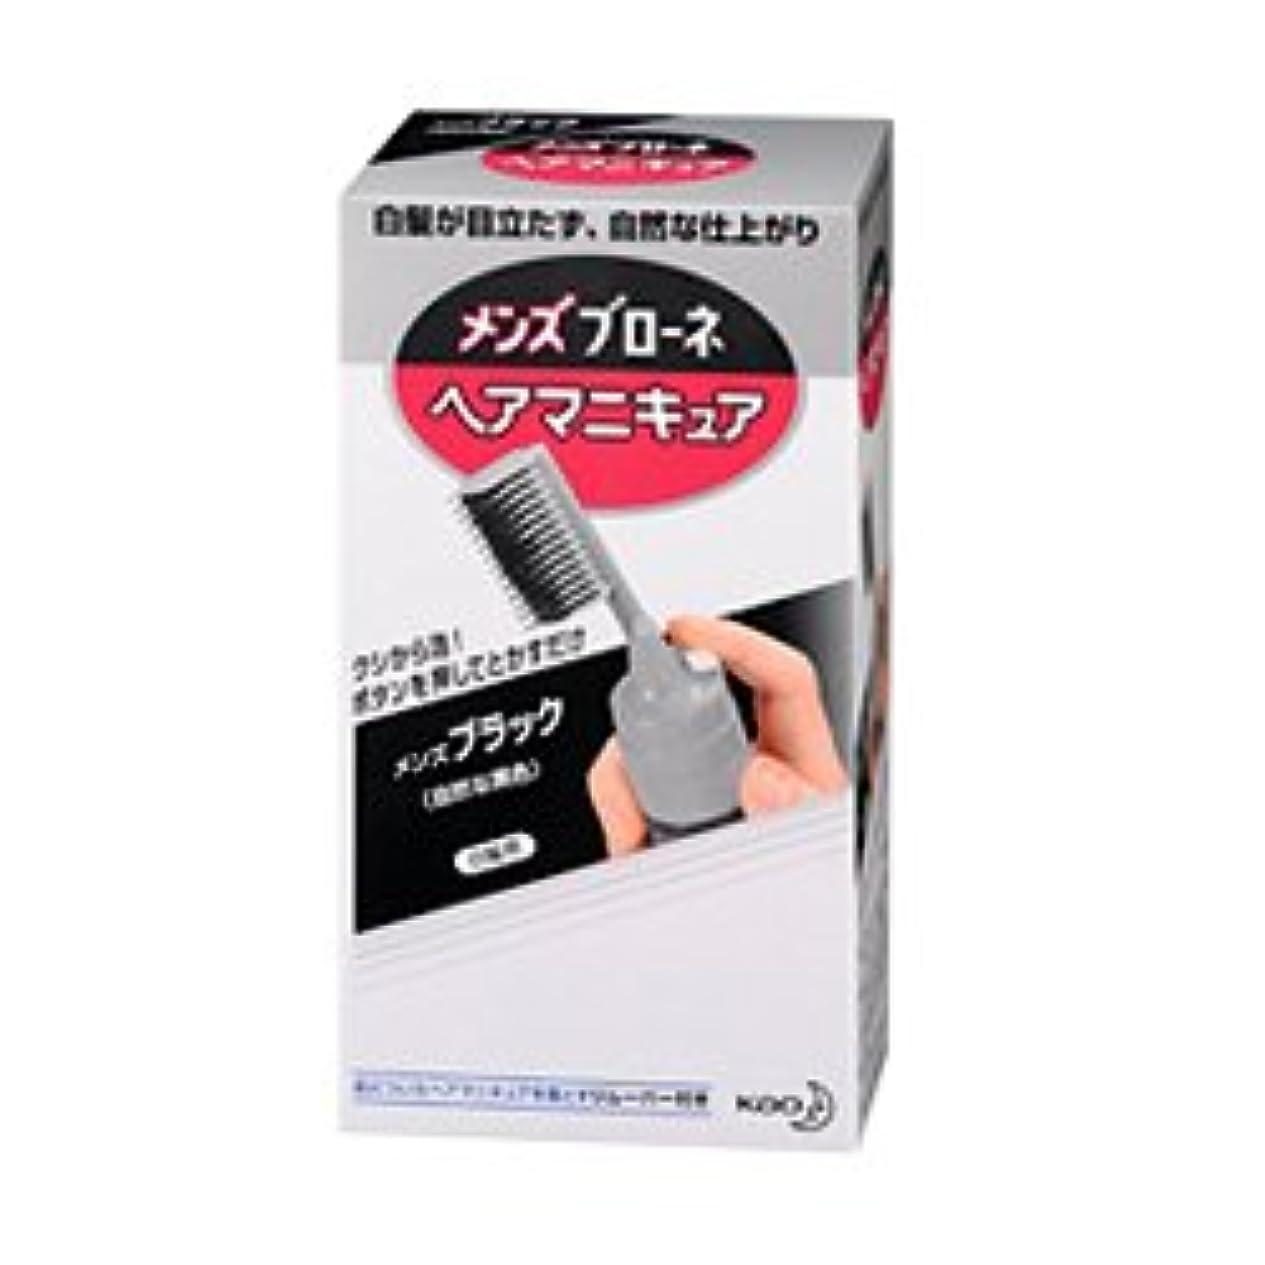 世界的に呪いうがい【花王】メンズブローネ ヘアマニキュア白髪用 メンズブラック ×10個セット